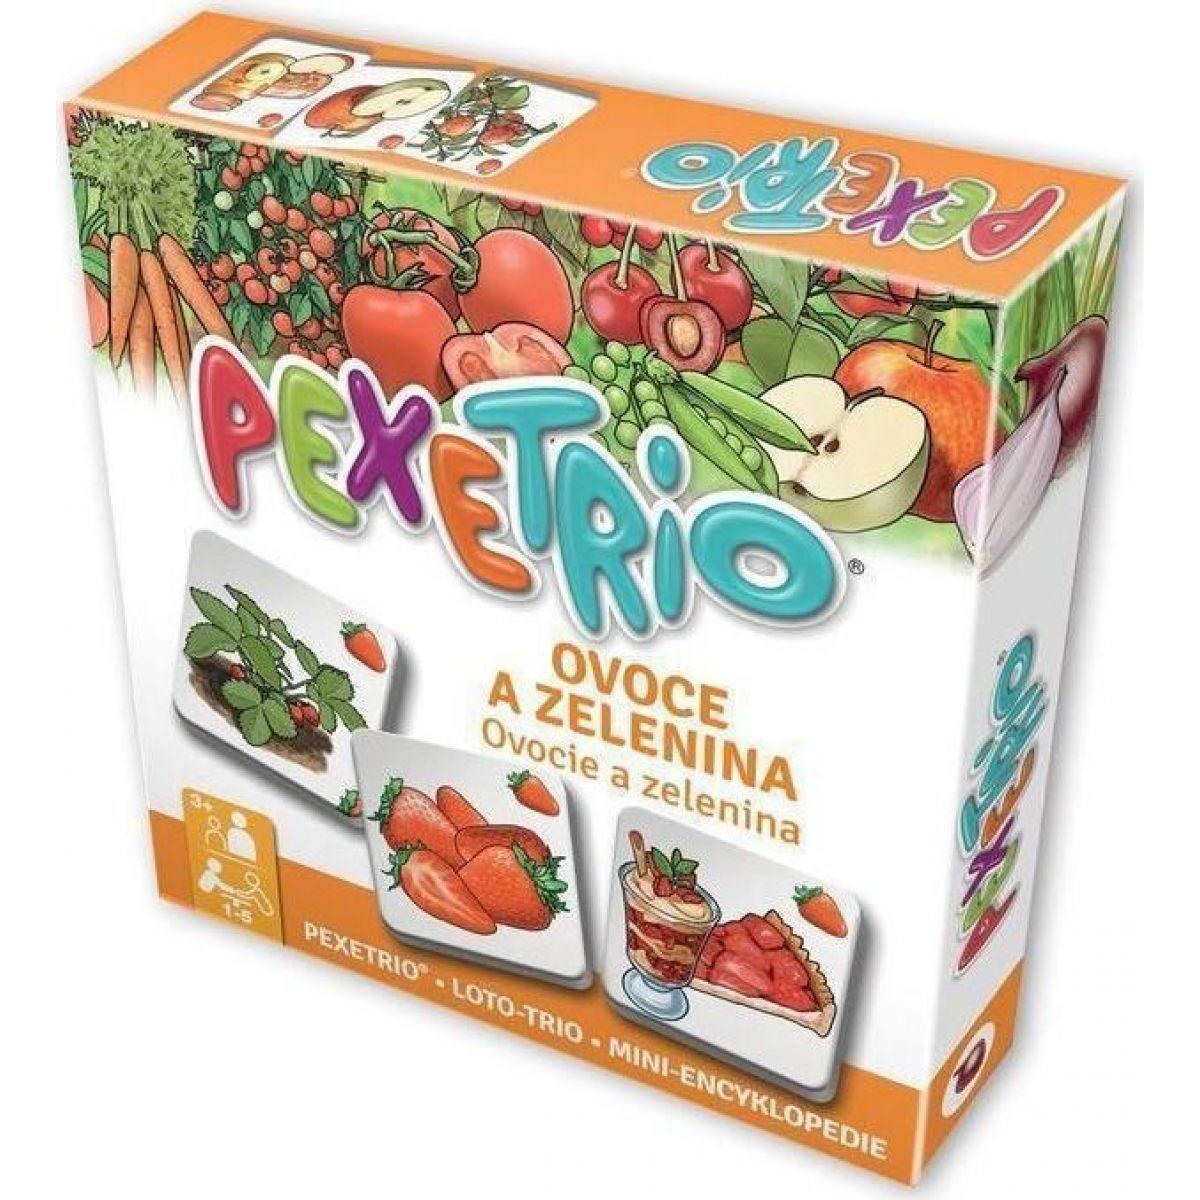 Efko Pexetrio ovocie a zelenina